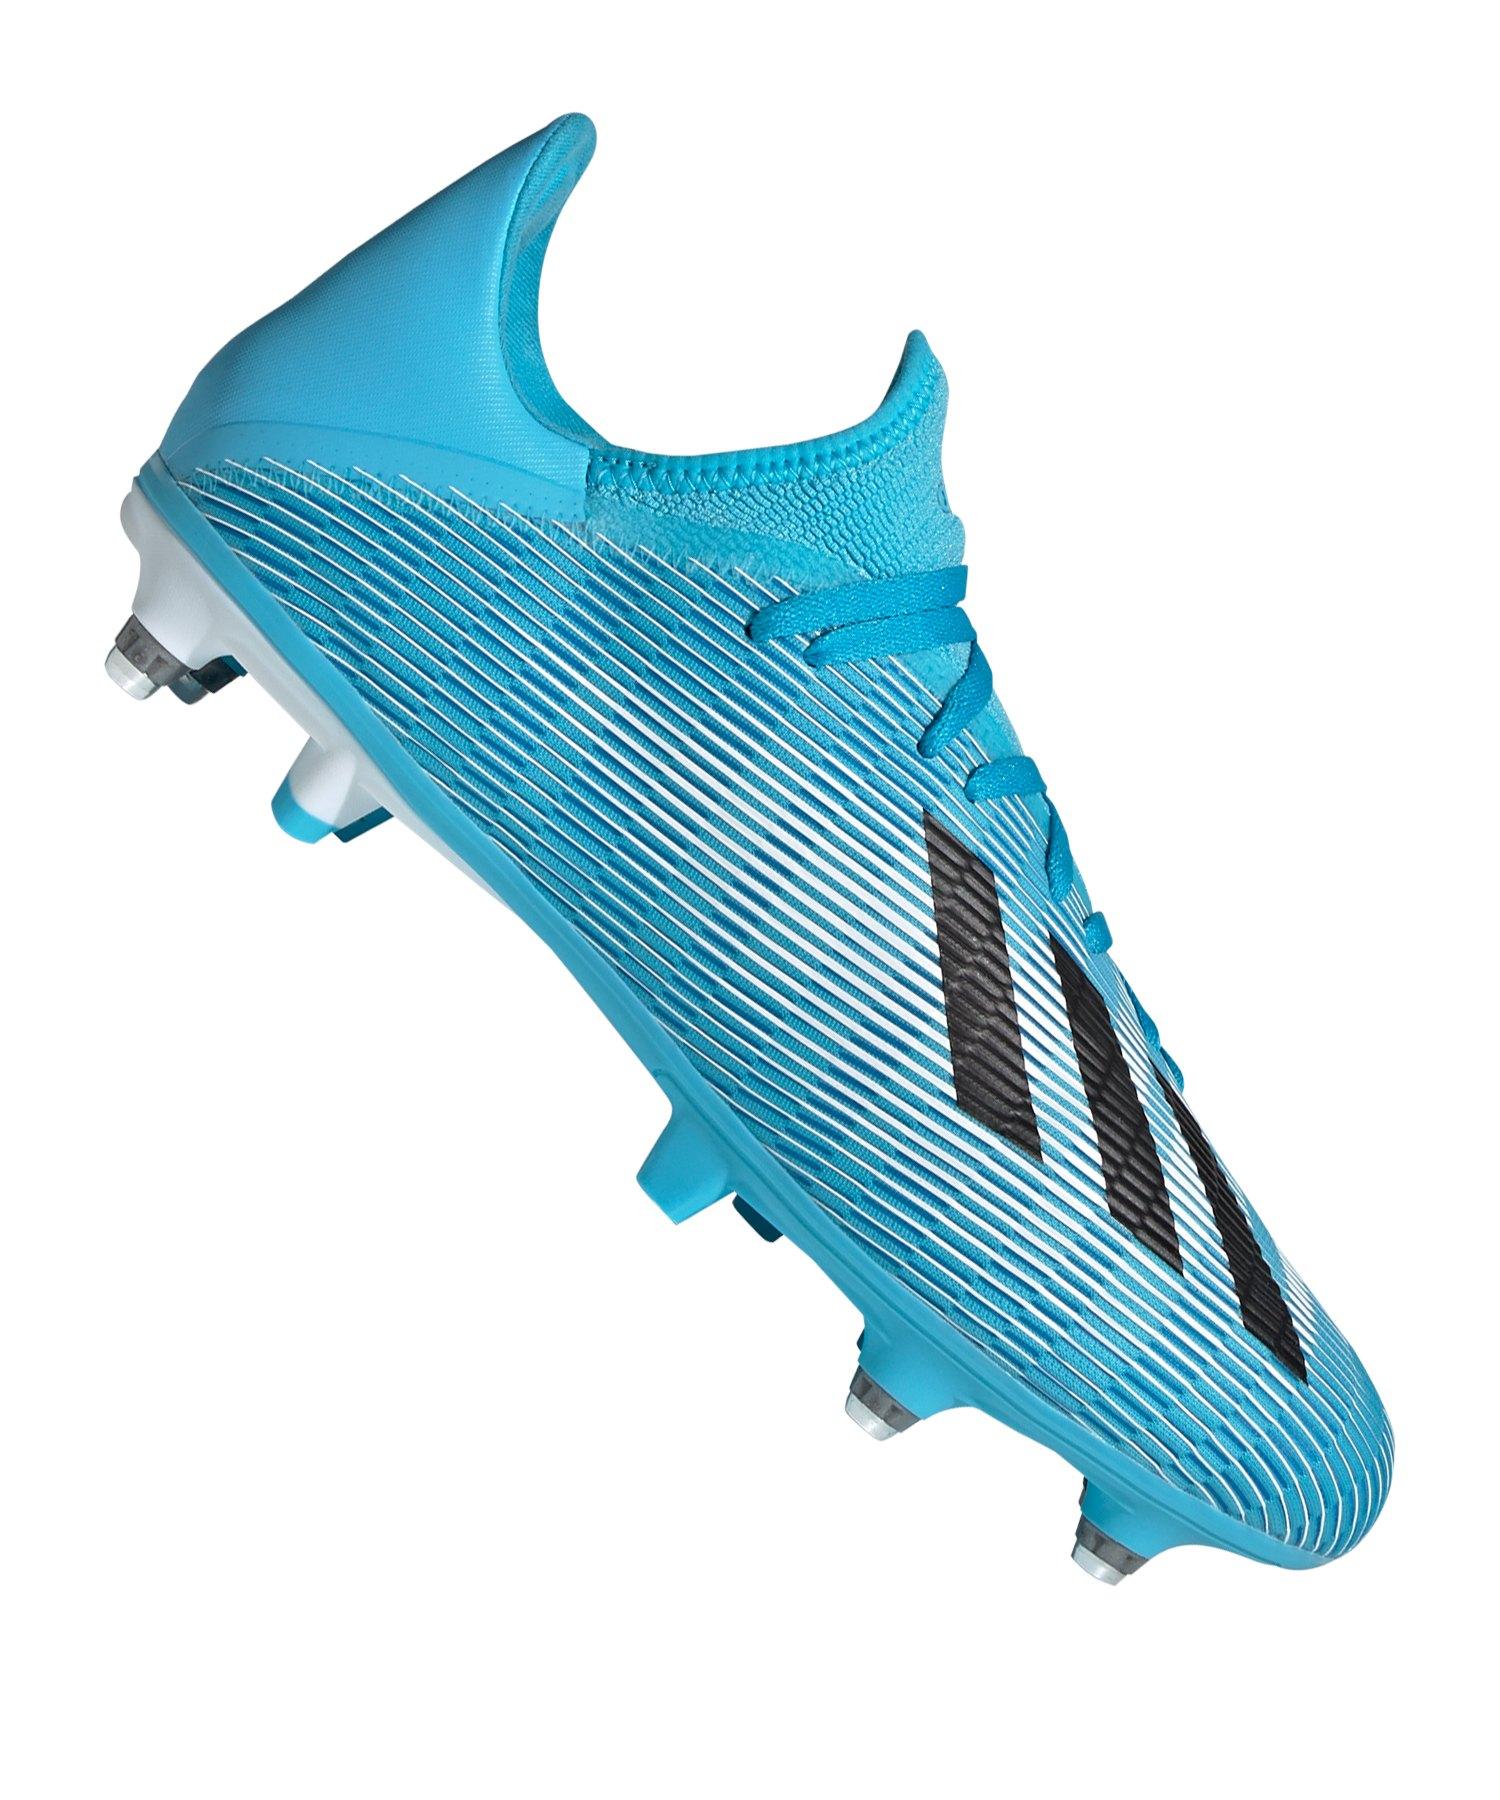 adidas X 19.3 SG Blau Weiss Schwarz - blau